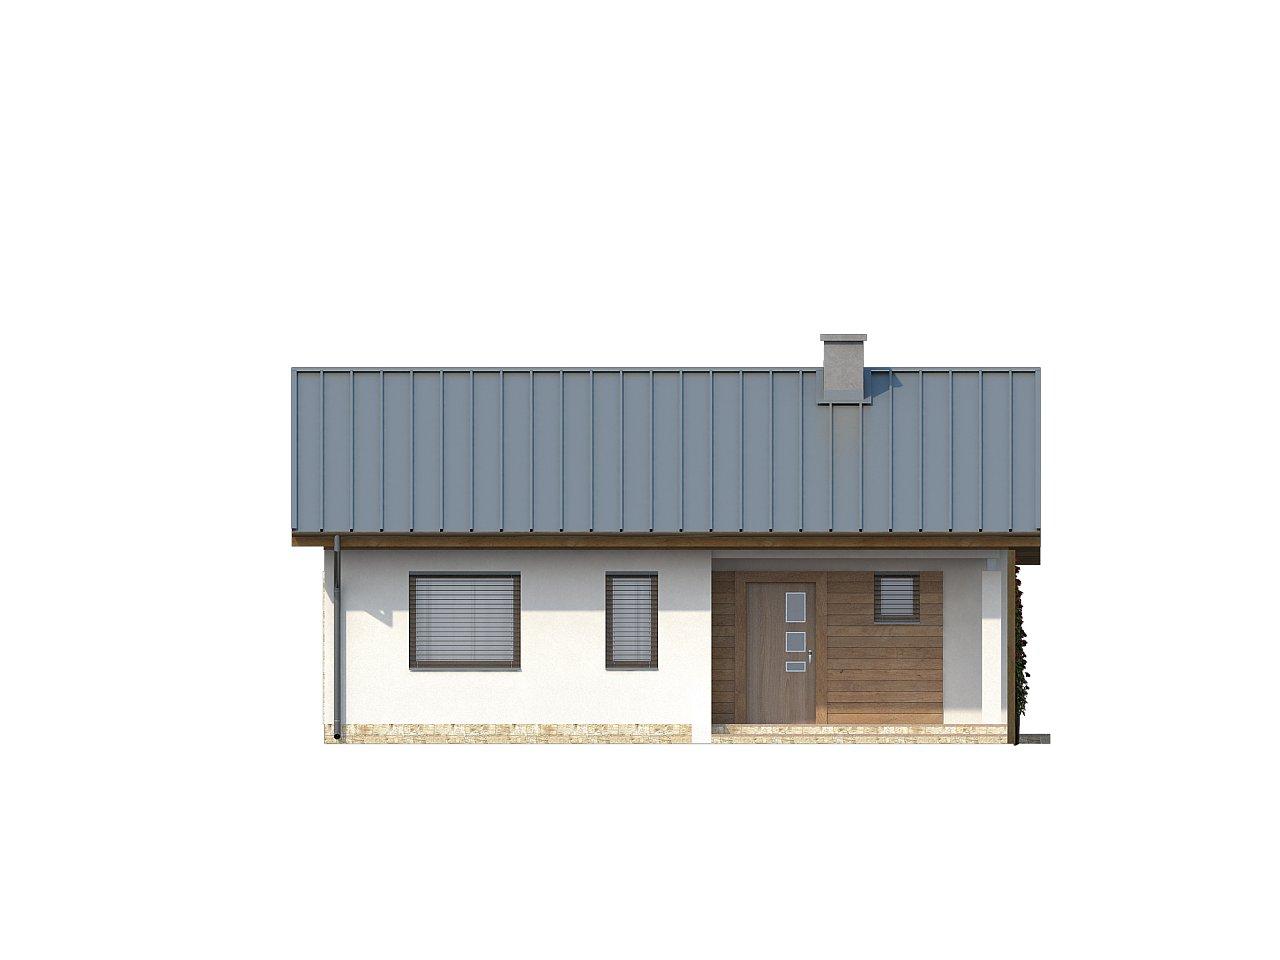 Аккуратный небольшой одноэтажный дом простой конструкции с кухней со стороны сада. 12